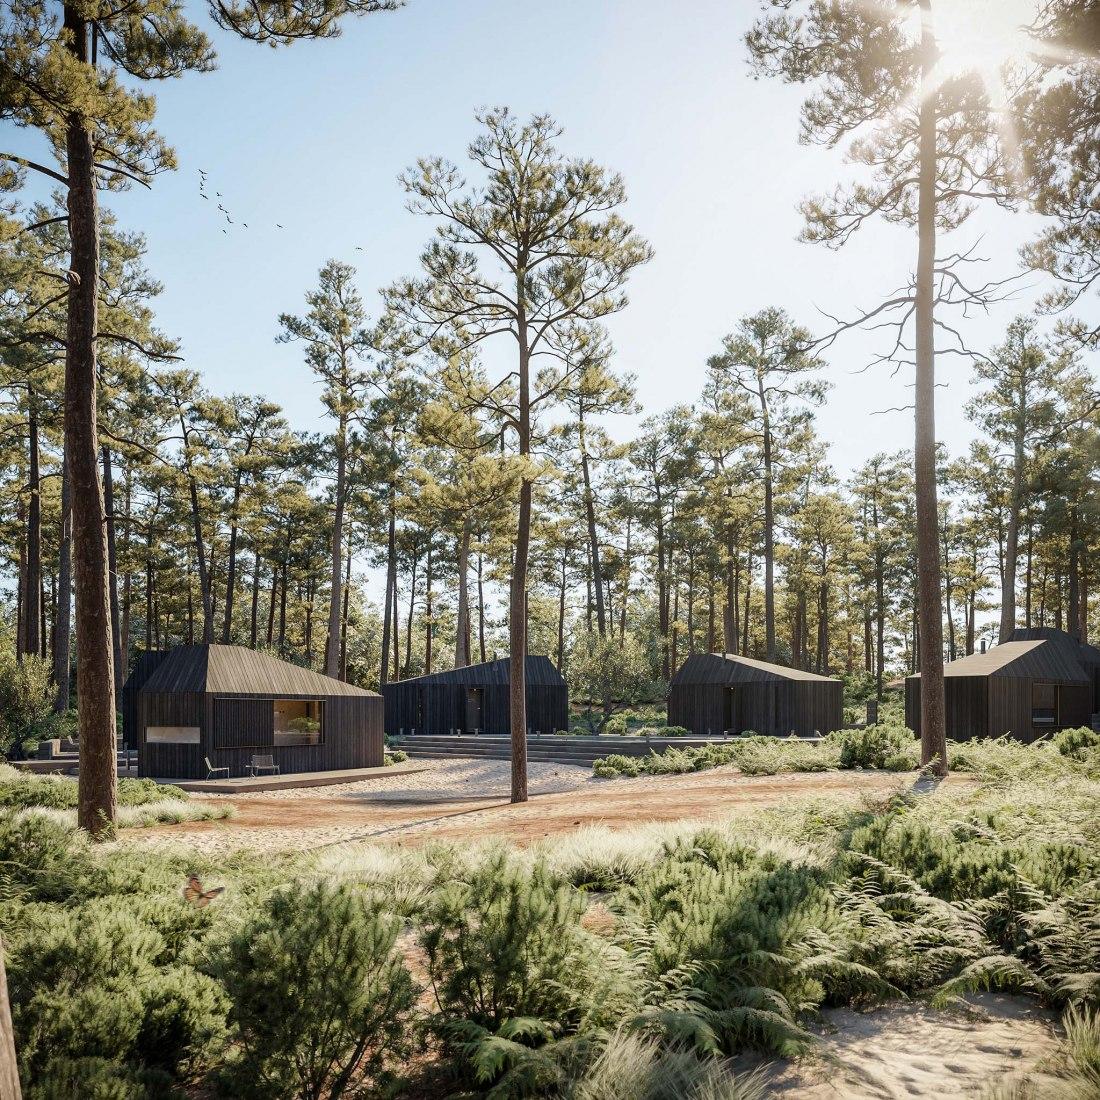 Hytte Cabins by Aylott & Van Tromp and Koto Design. Rendering by Merge Visualisation